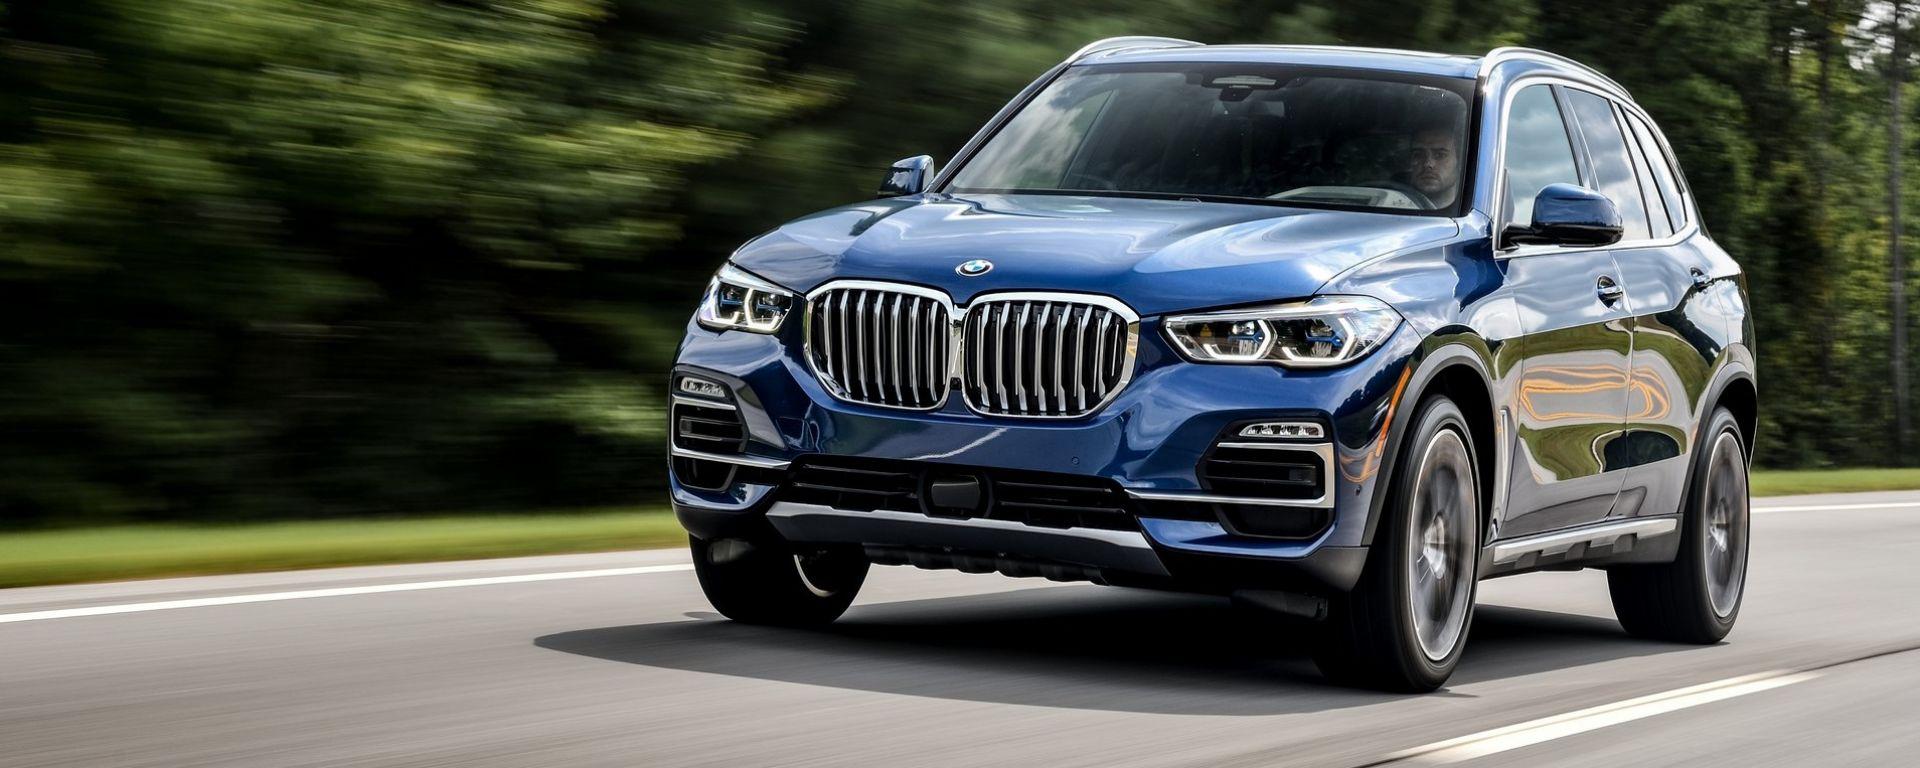 Nuova BMW X5 2018 prova su strada